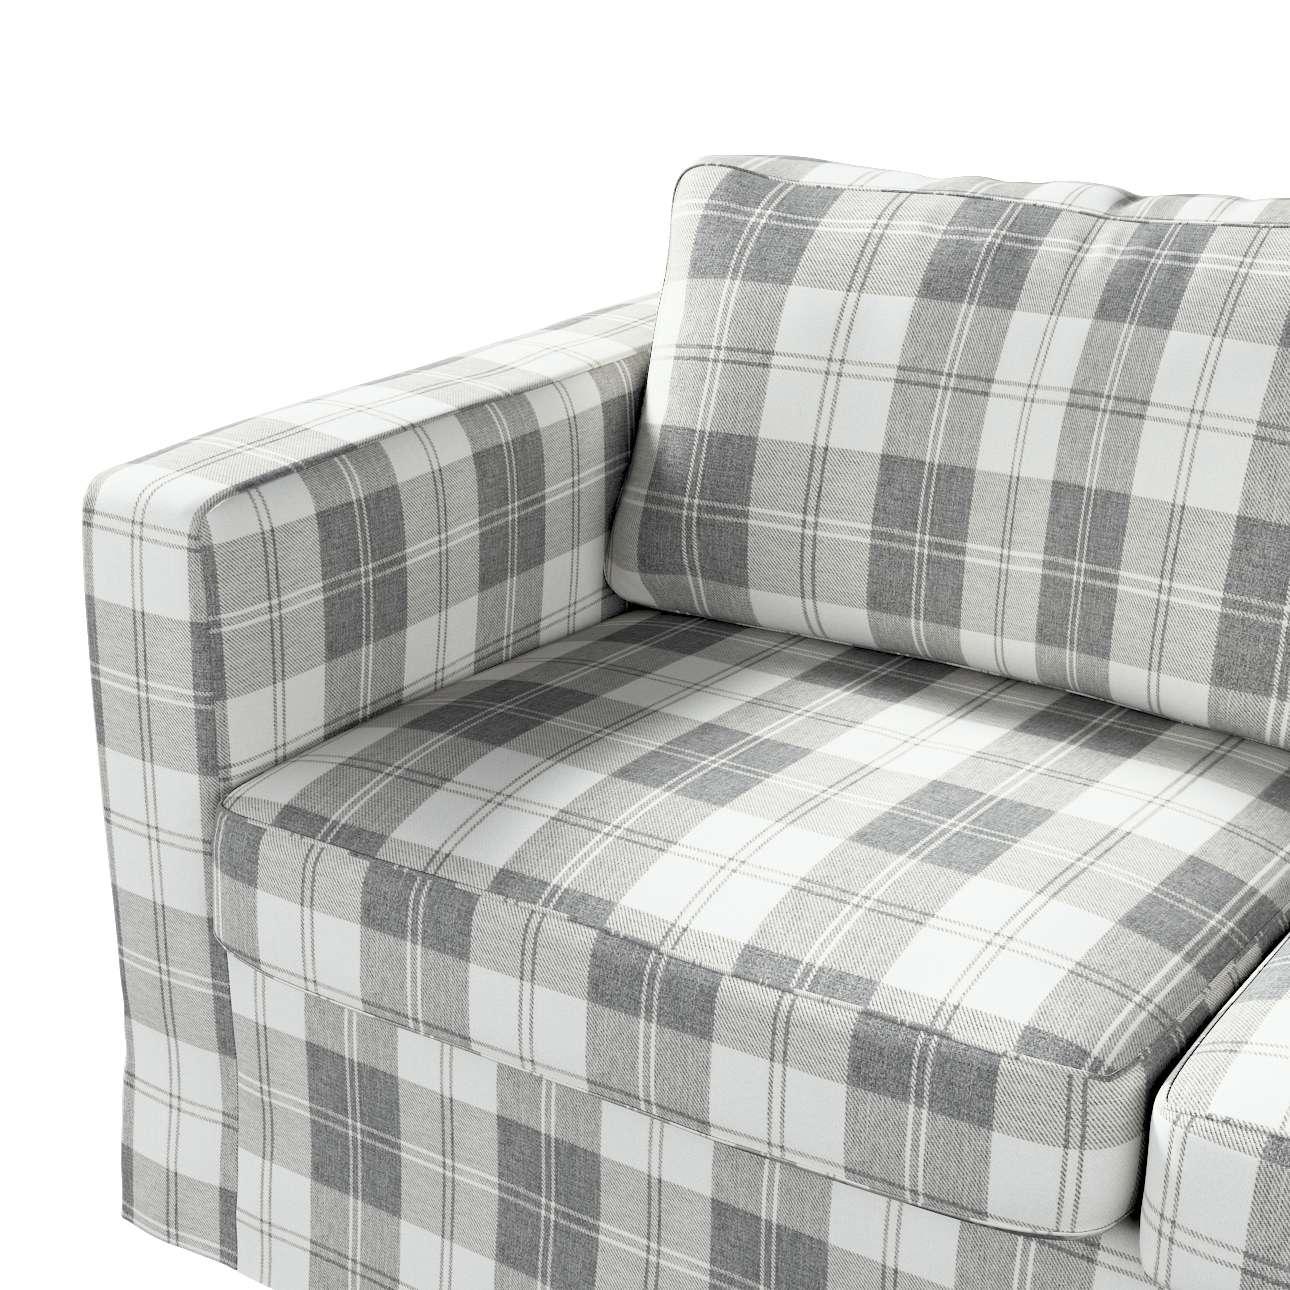 Pokrowiec na sofę Karlstad 2-osobową nierozkładaną długi w kolekcji Edinburgh, tkanina: 115-79